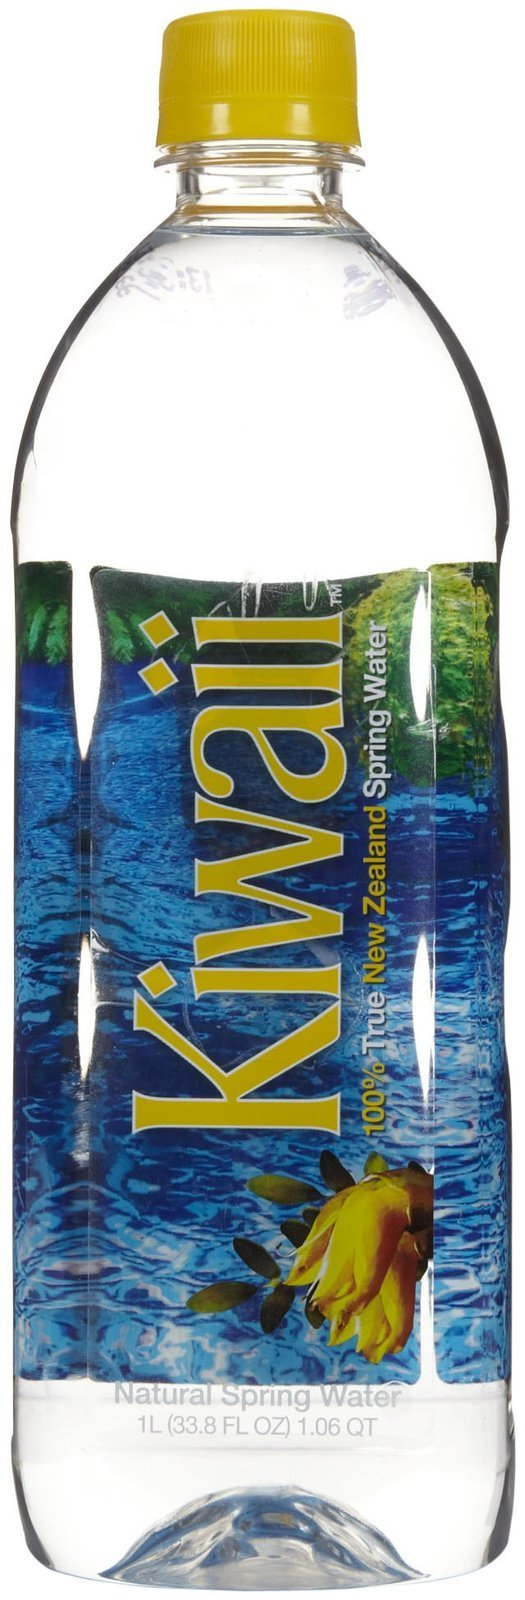 Kiwaii Spring Water - 1 lt